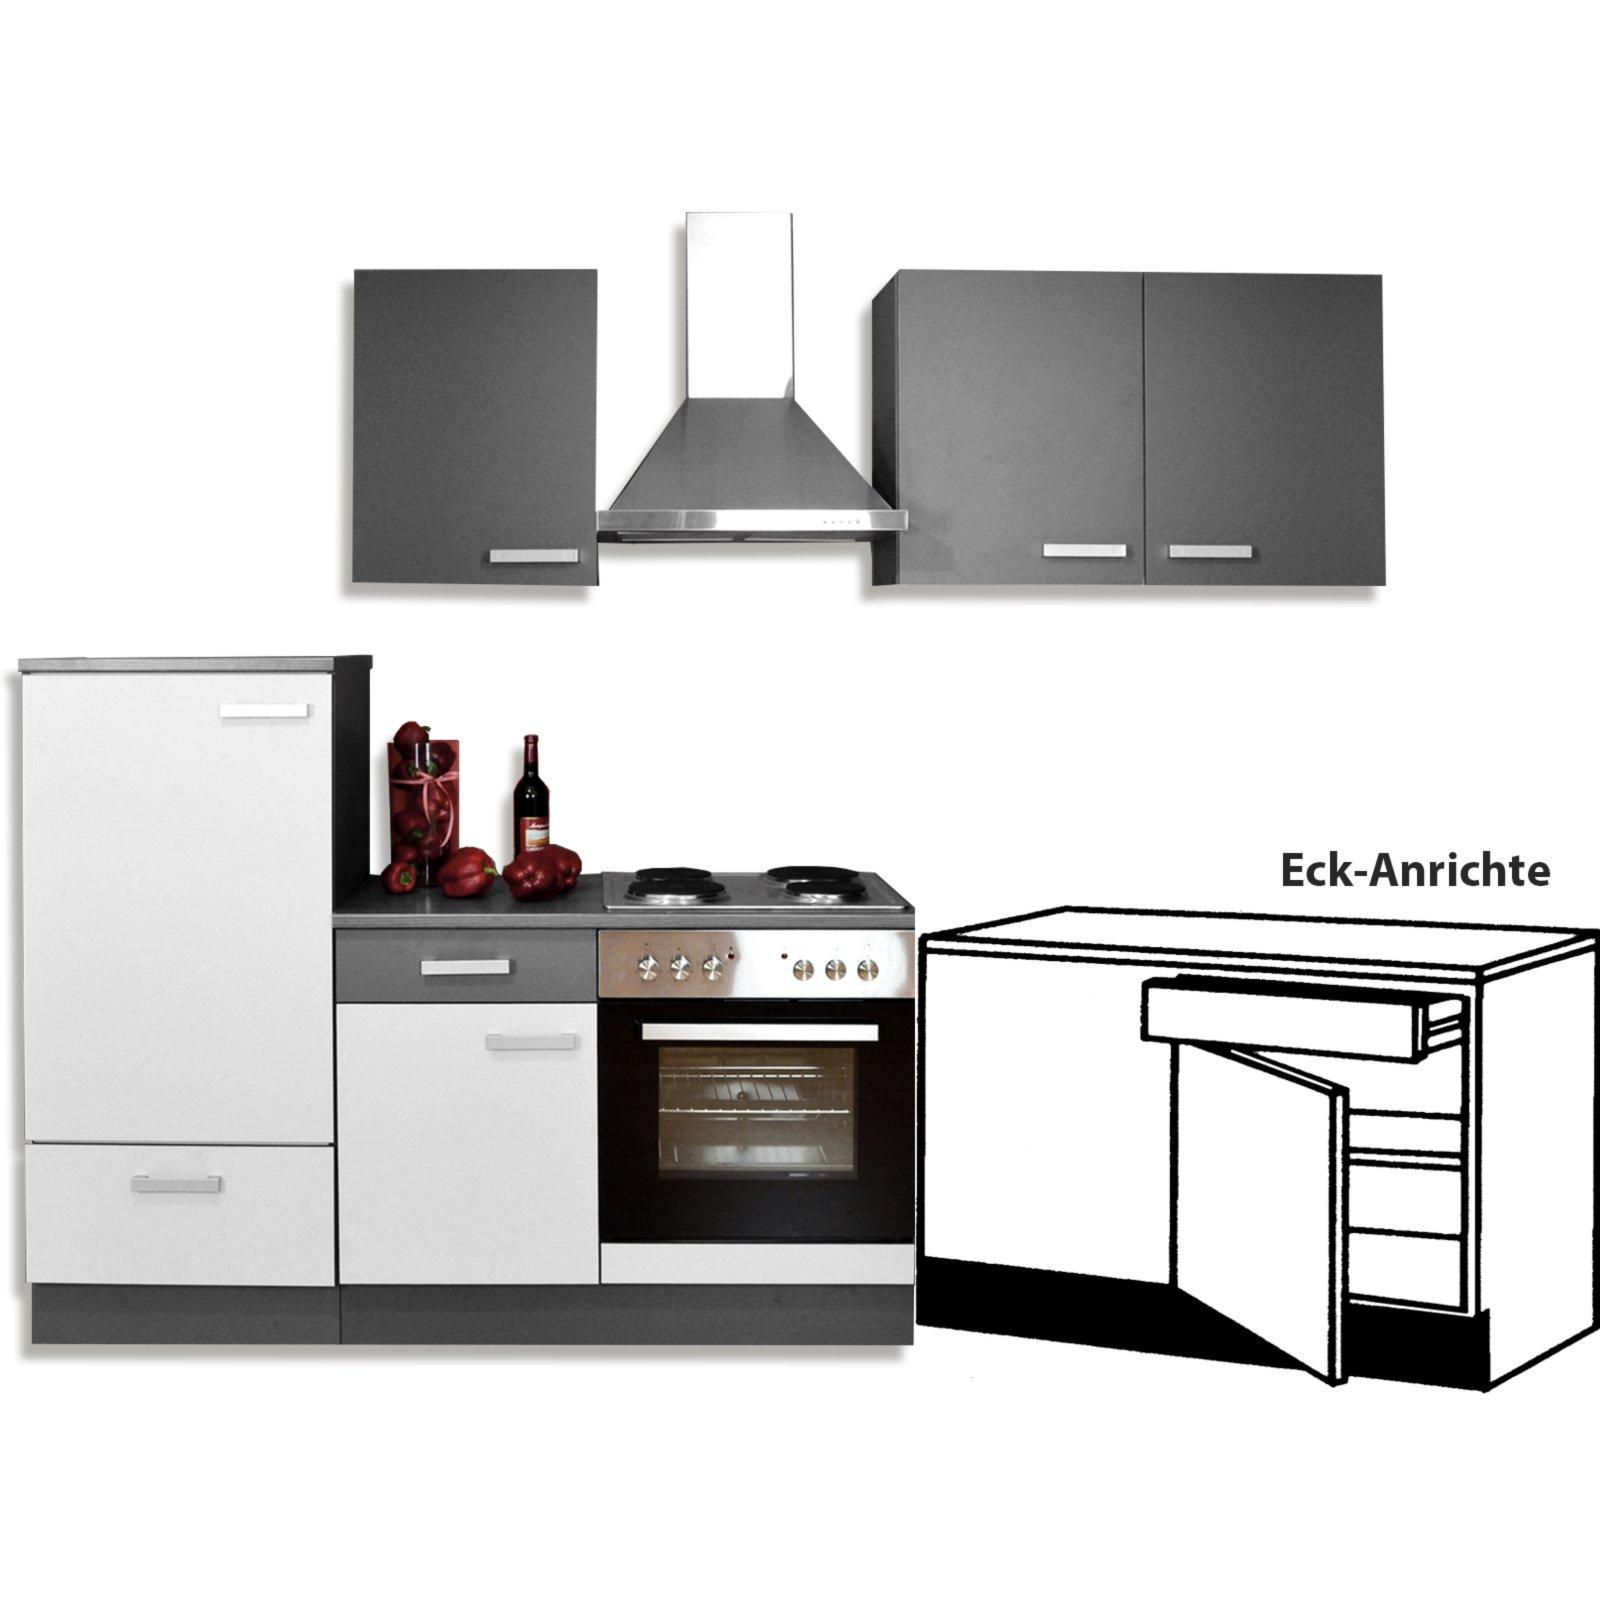 eck anrichte greta graphit 100x86 cm k che greta schrankserien k chenschr nke m bel. Black Bedroom Furniture Sets. Home Design Ideas